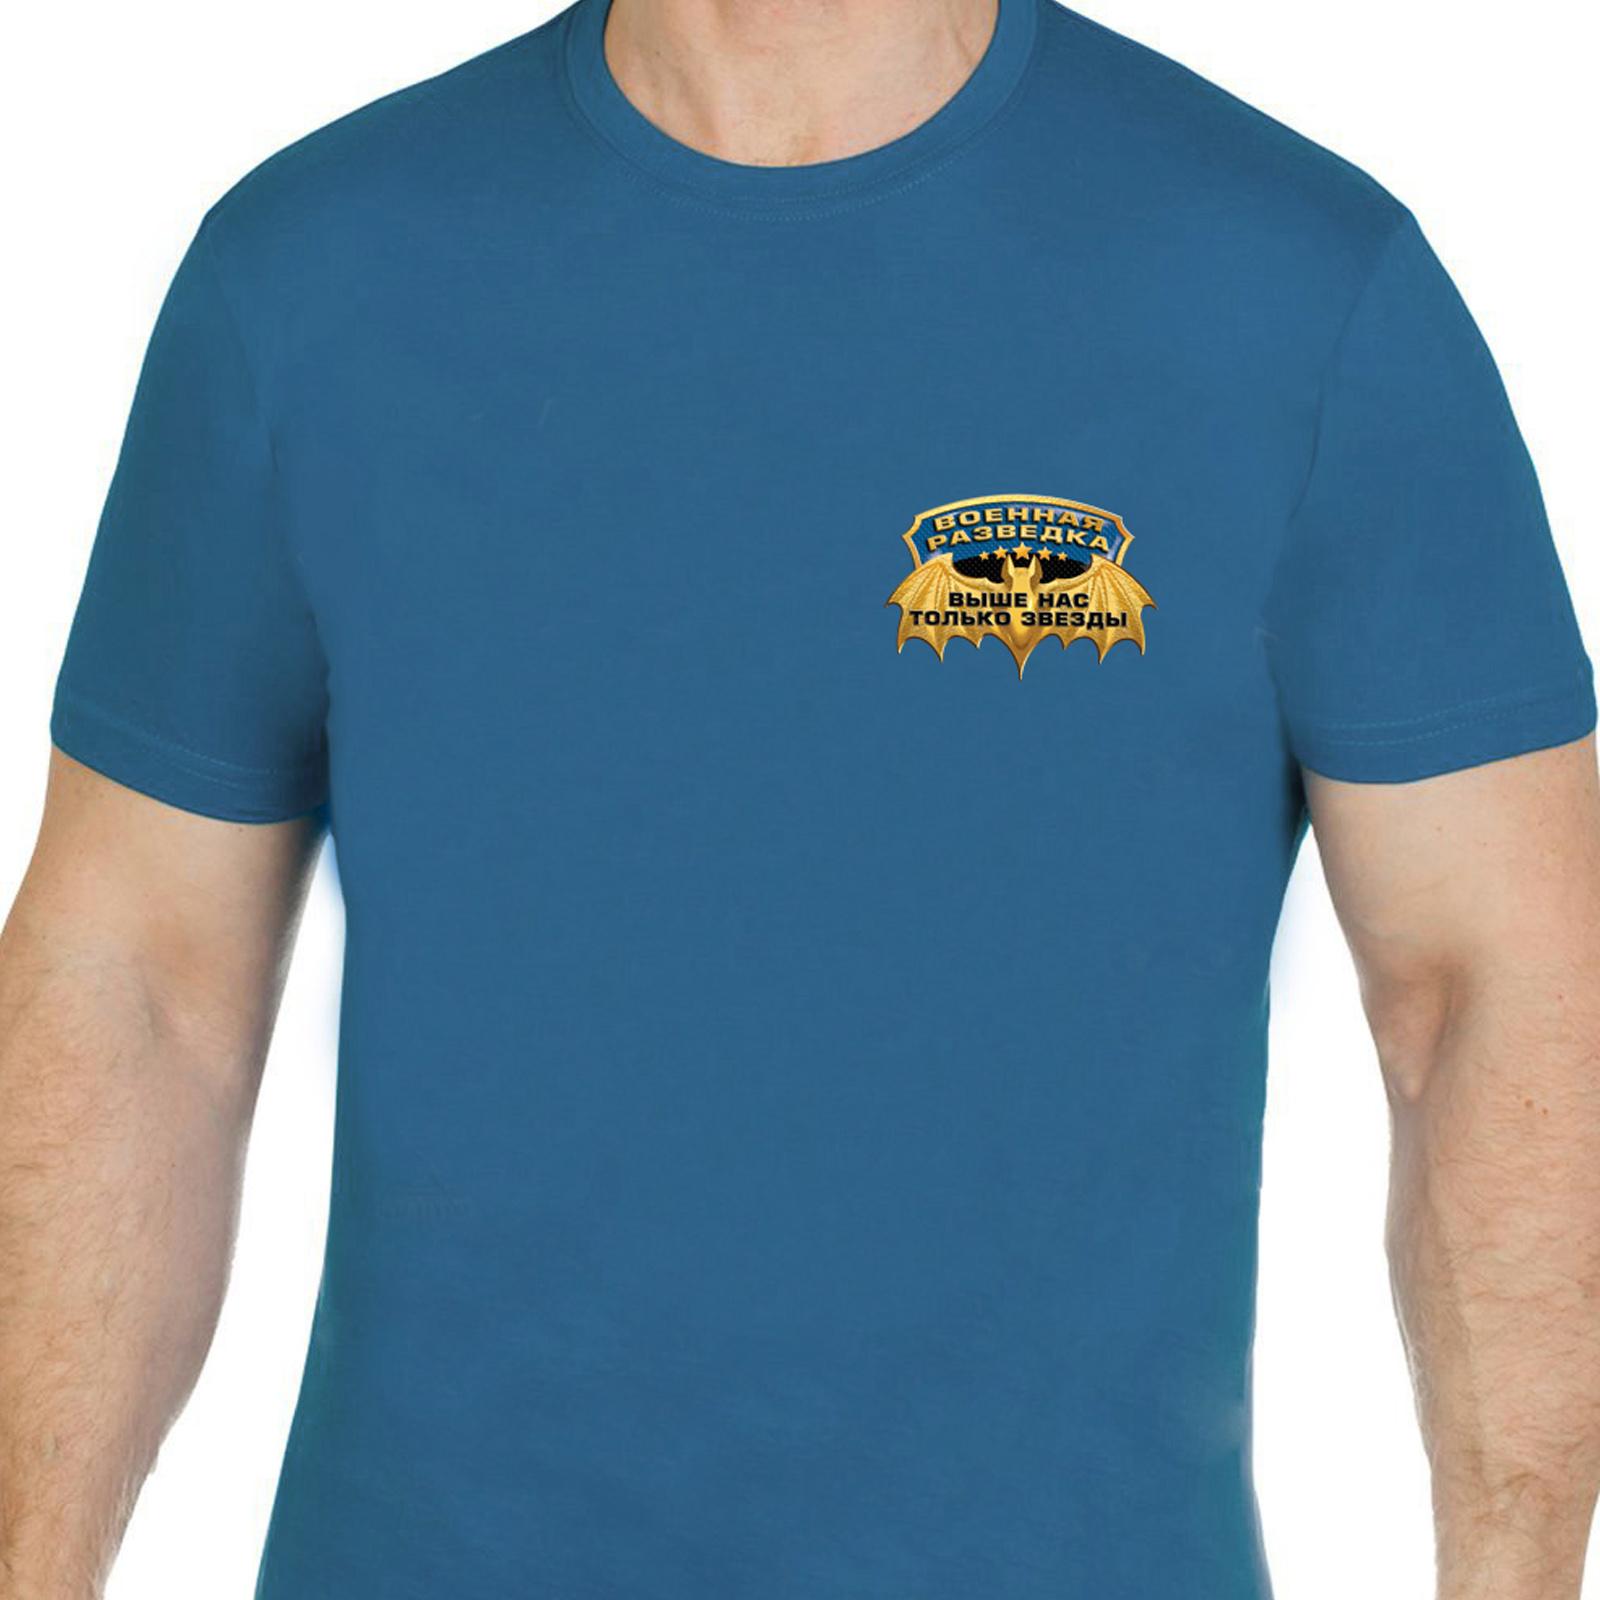 Строгая футболка с золотым символом разведки.